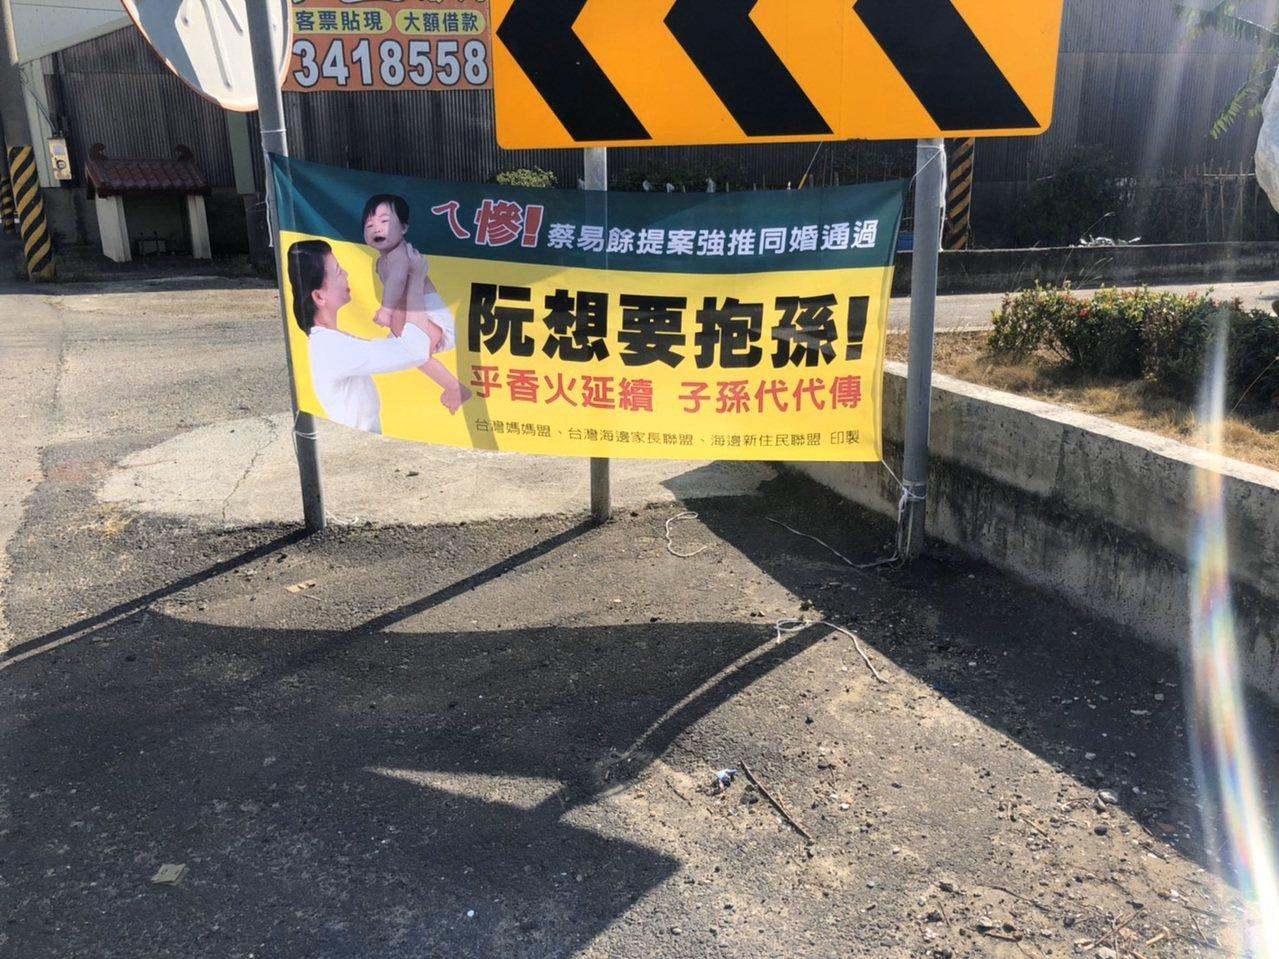 水上鄉近日出現布條上寫「ㄟ慘!蔡易餘提案強推同婚通過」。圖/蔡易餘辦公室提供